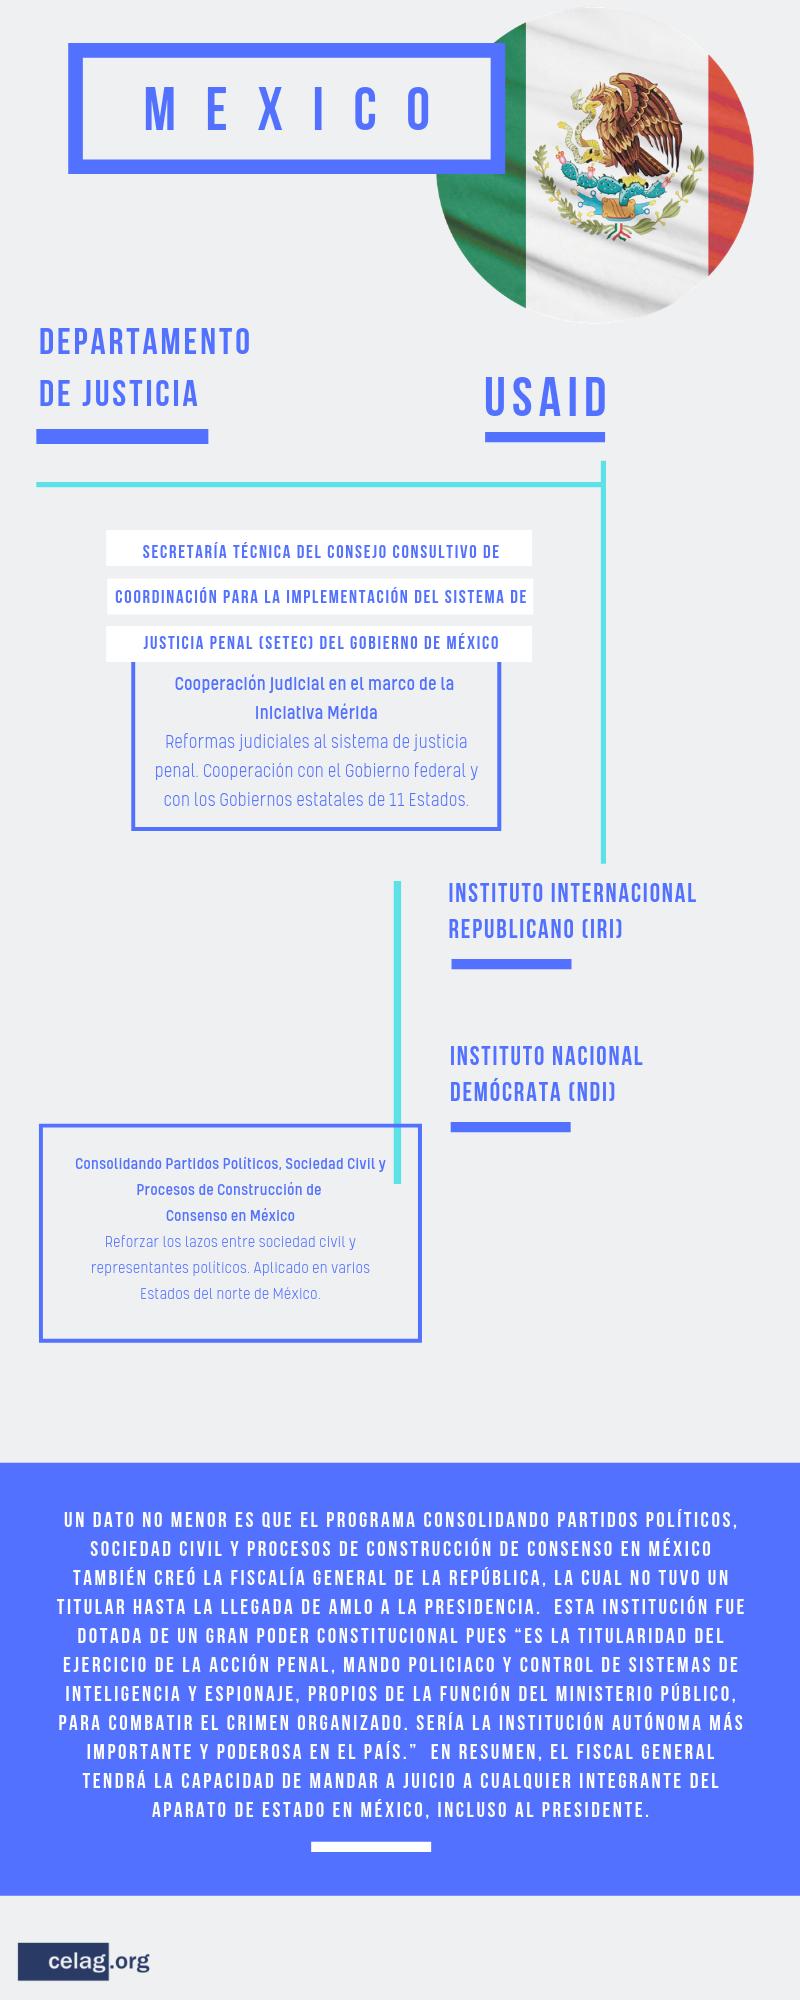 Incidencia de EE. UU. en aparatos judiciales de América Latina